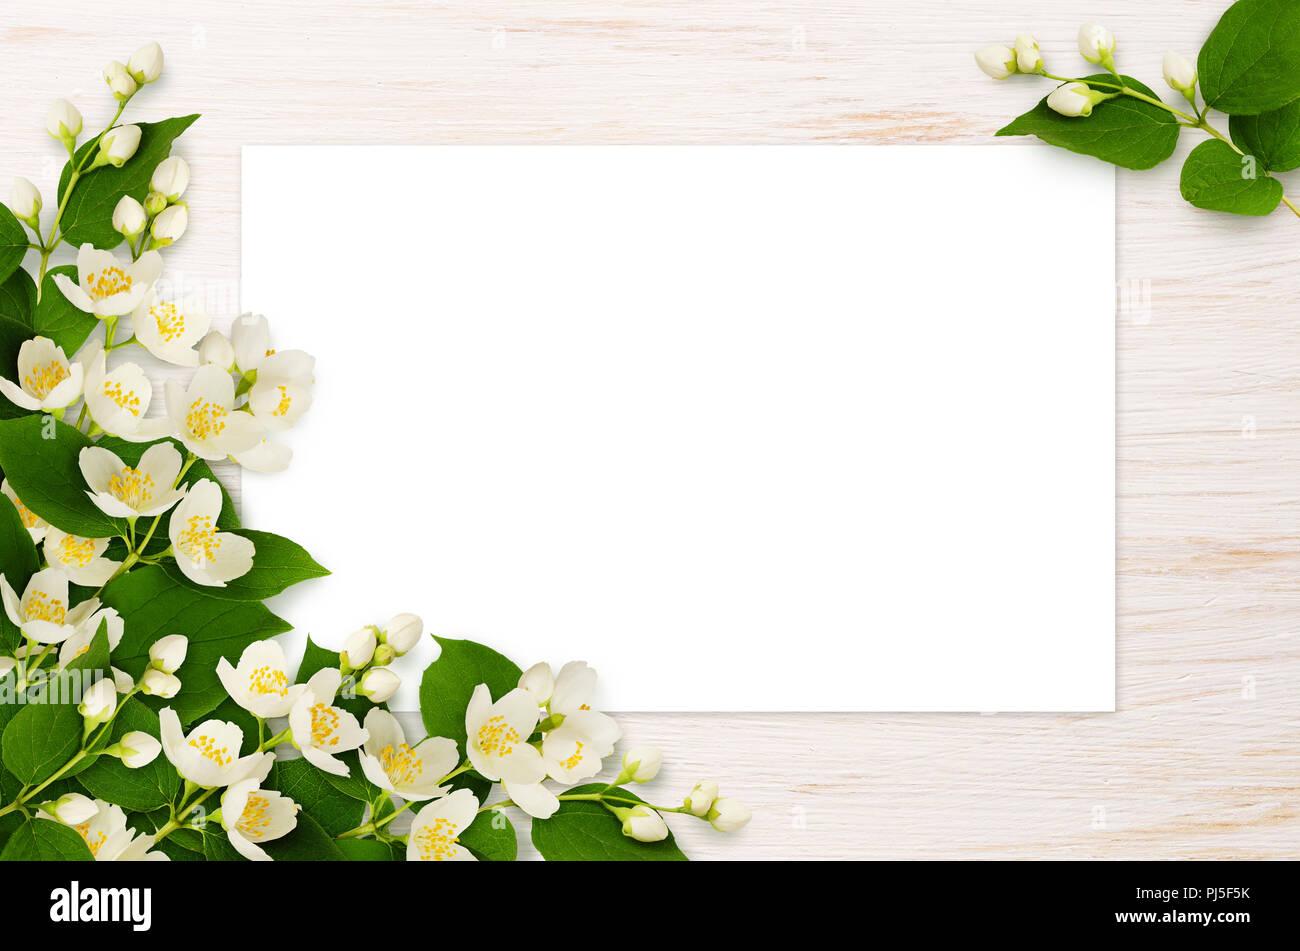 Corner arrangements with jasmine flowers and leaves on white wooden corner arrangements with jasmine flowers and leaves on white wooden background flat lay top view izmirmasajfo